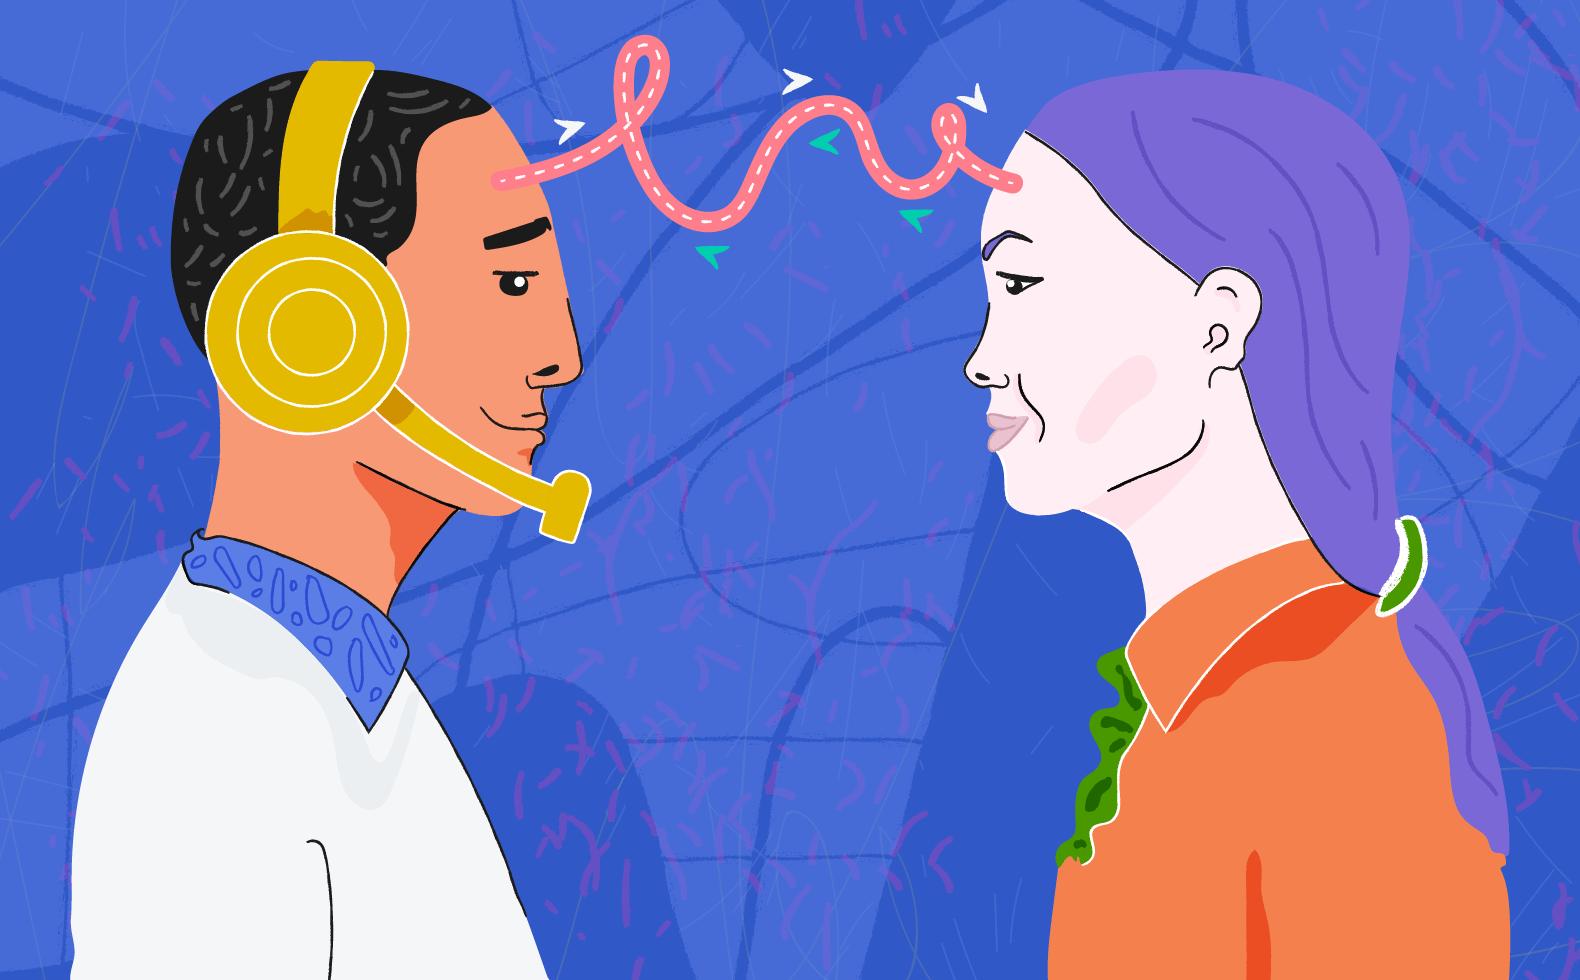 Cách nói chuyện với khách hàng: 4 lời khuyên cho người sáng lập khởi nghiệp